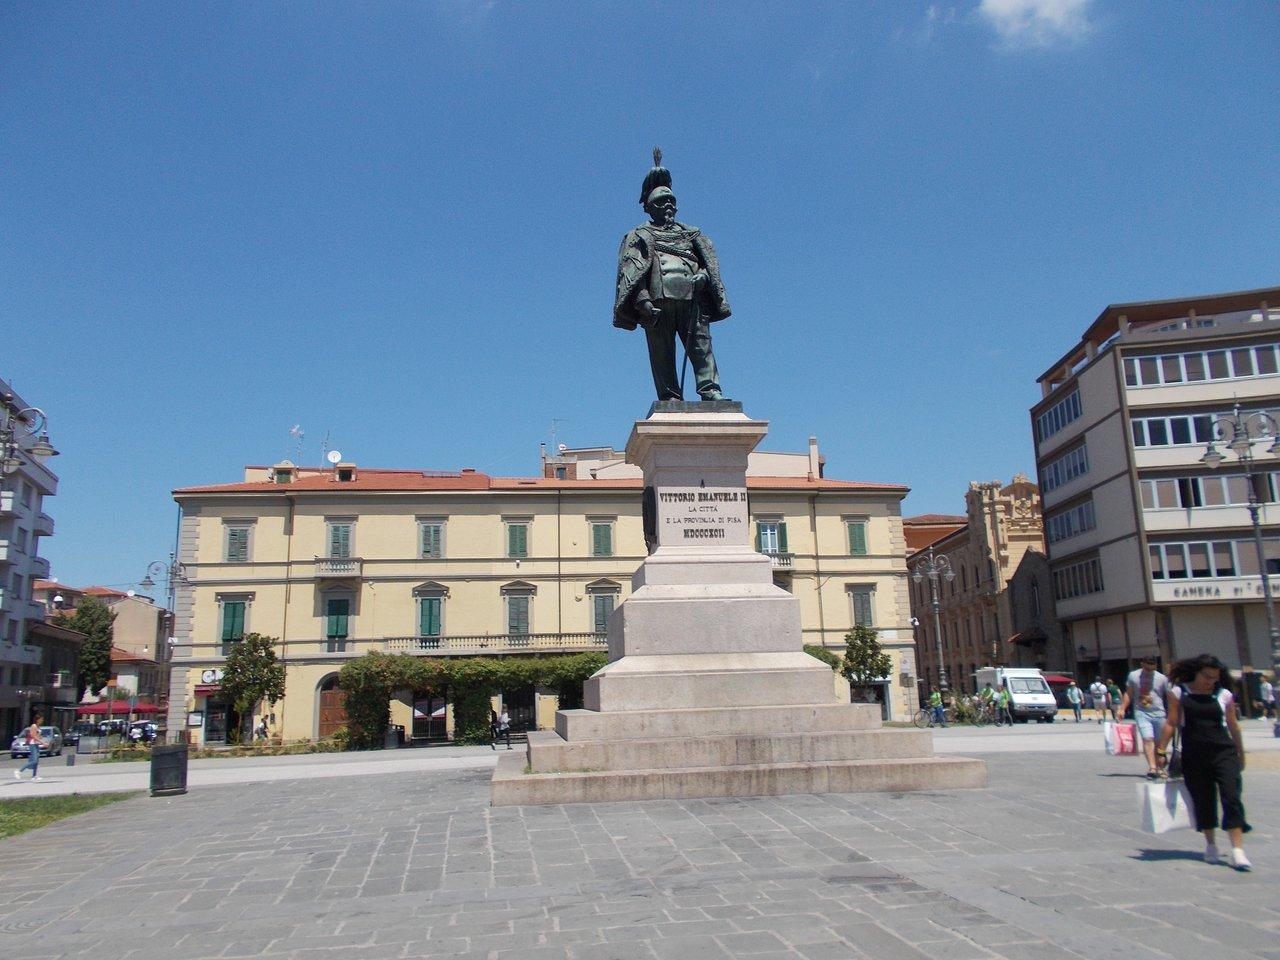 Statua dell'Abbondanza